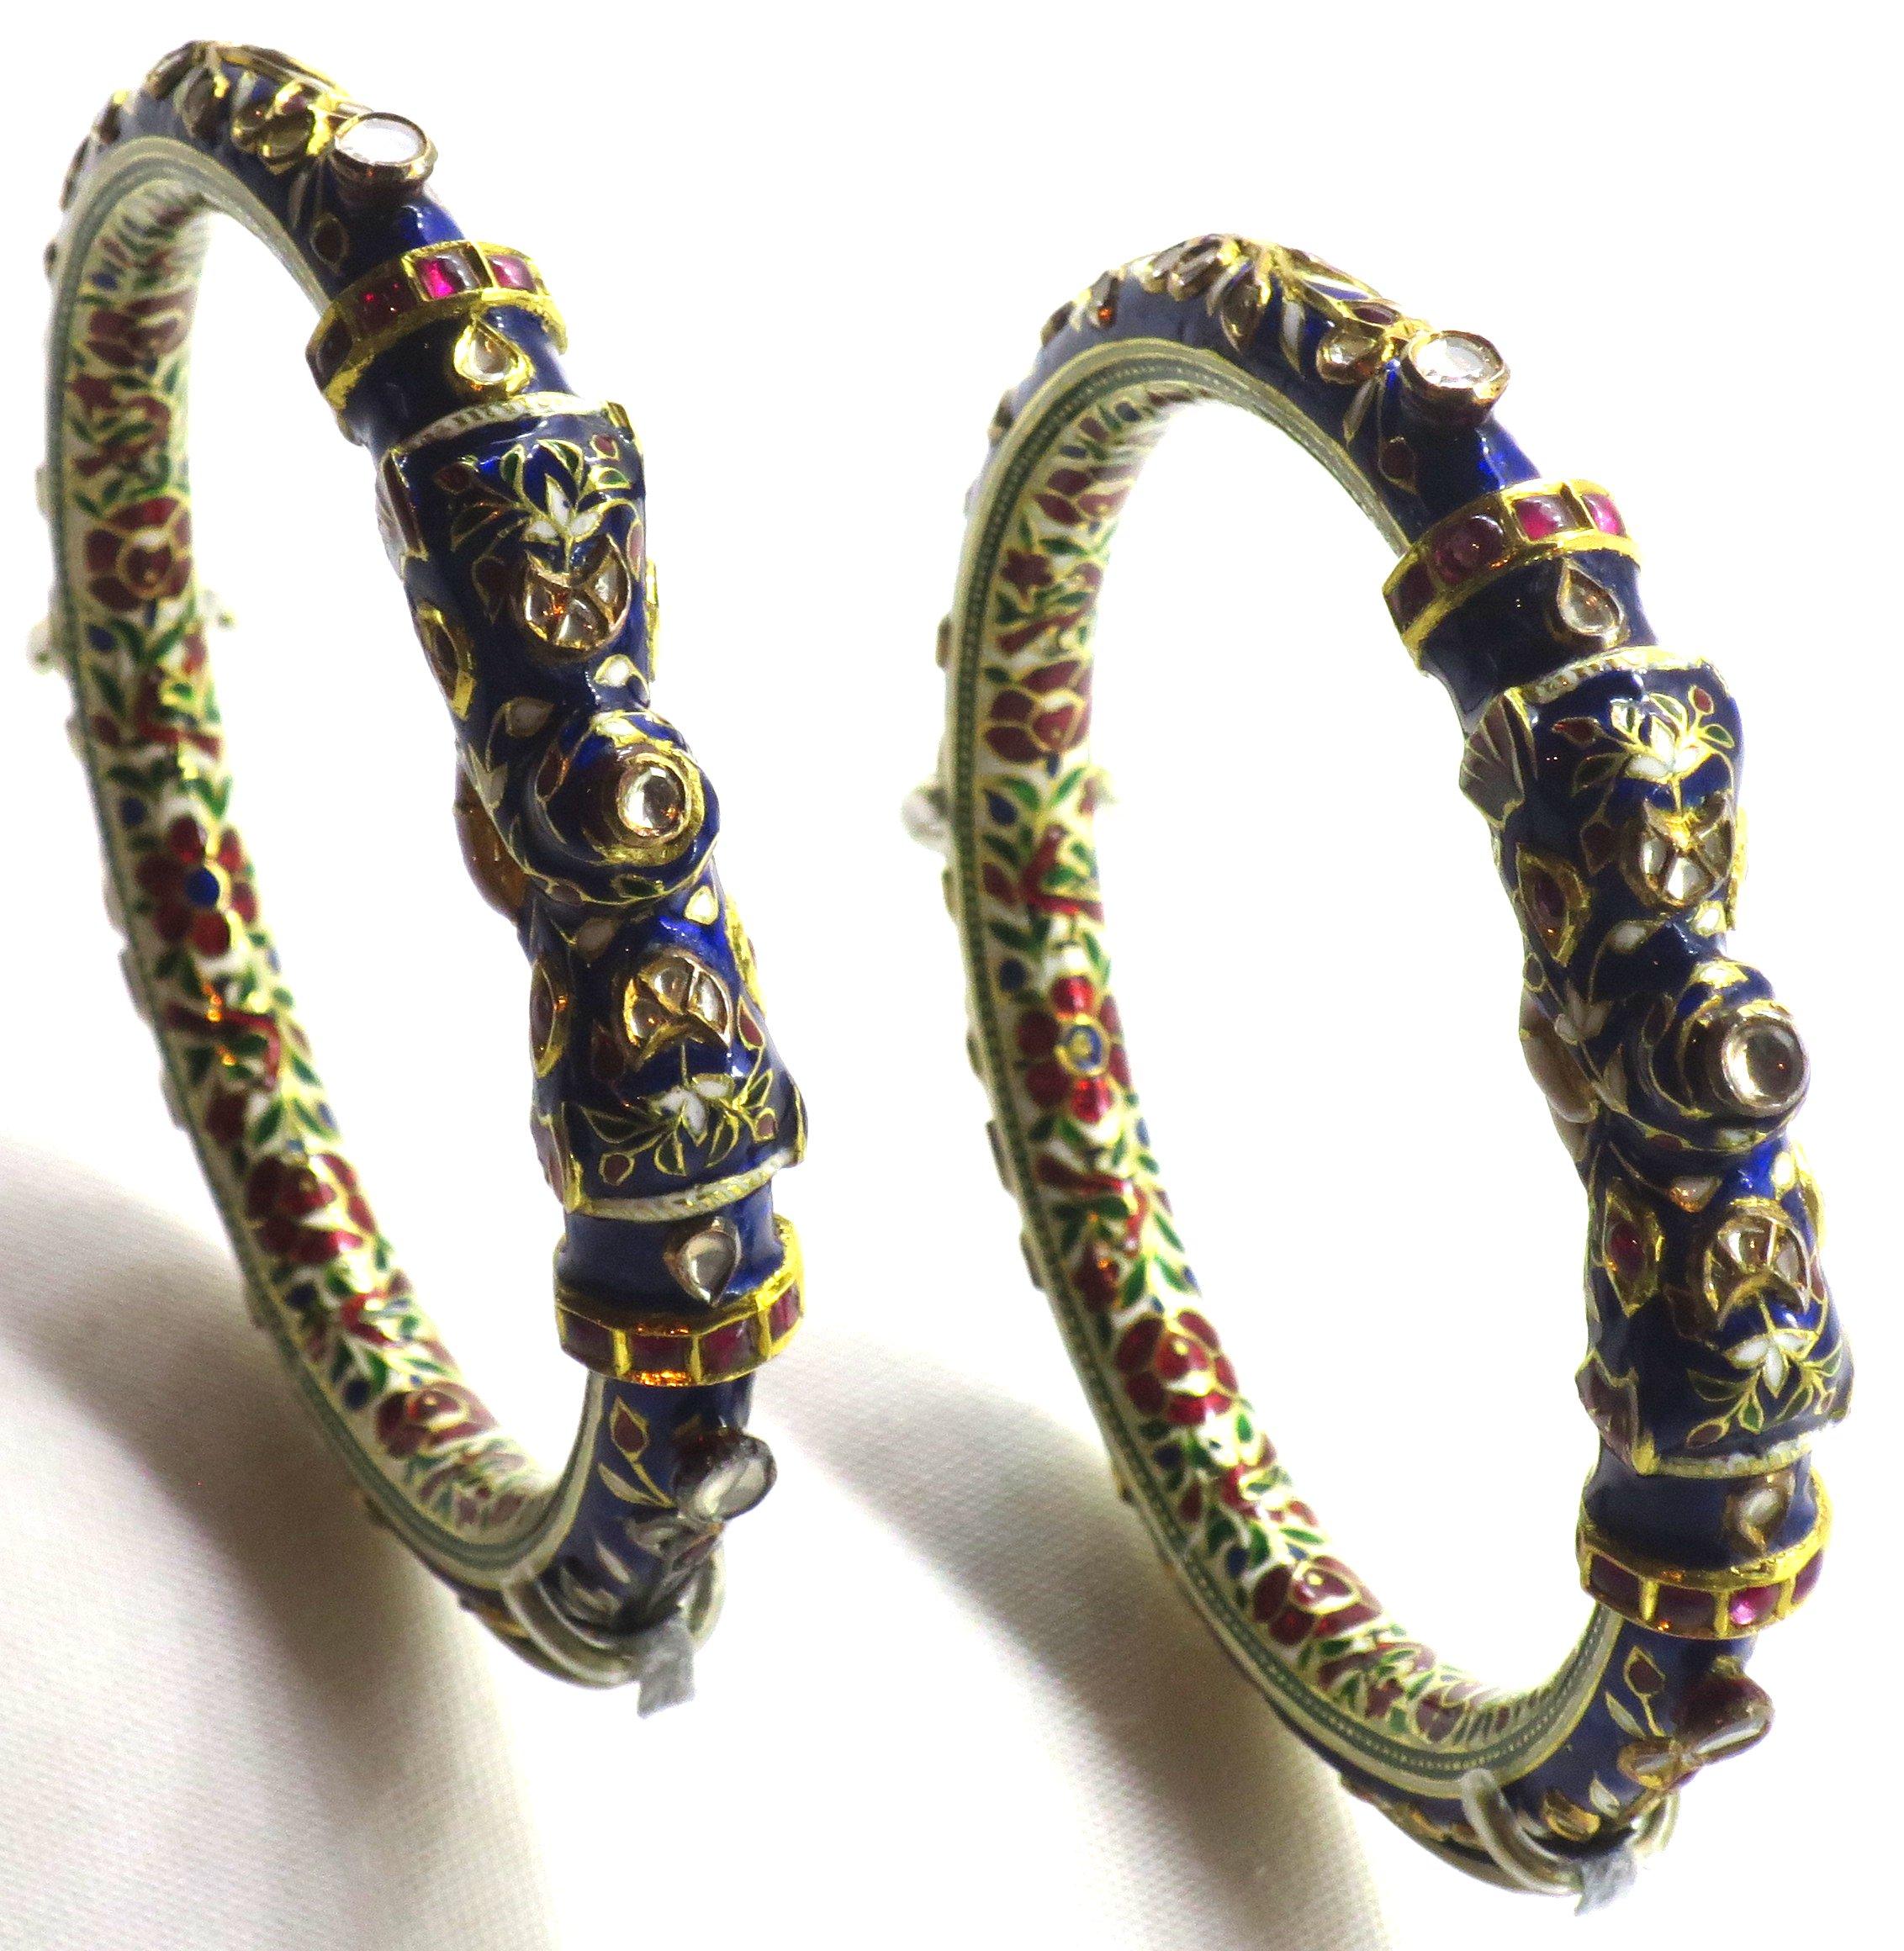 File:Bracelets from Jaipur, Doris Duke Foundation for